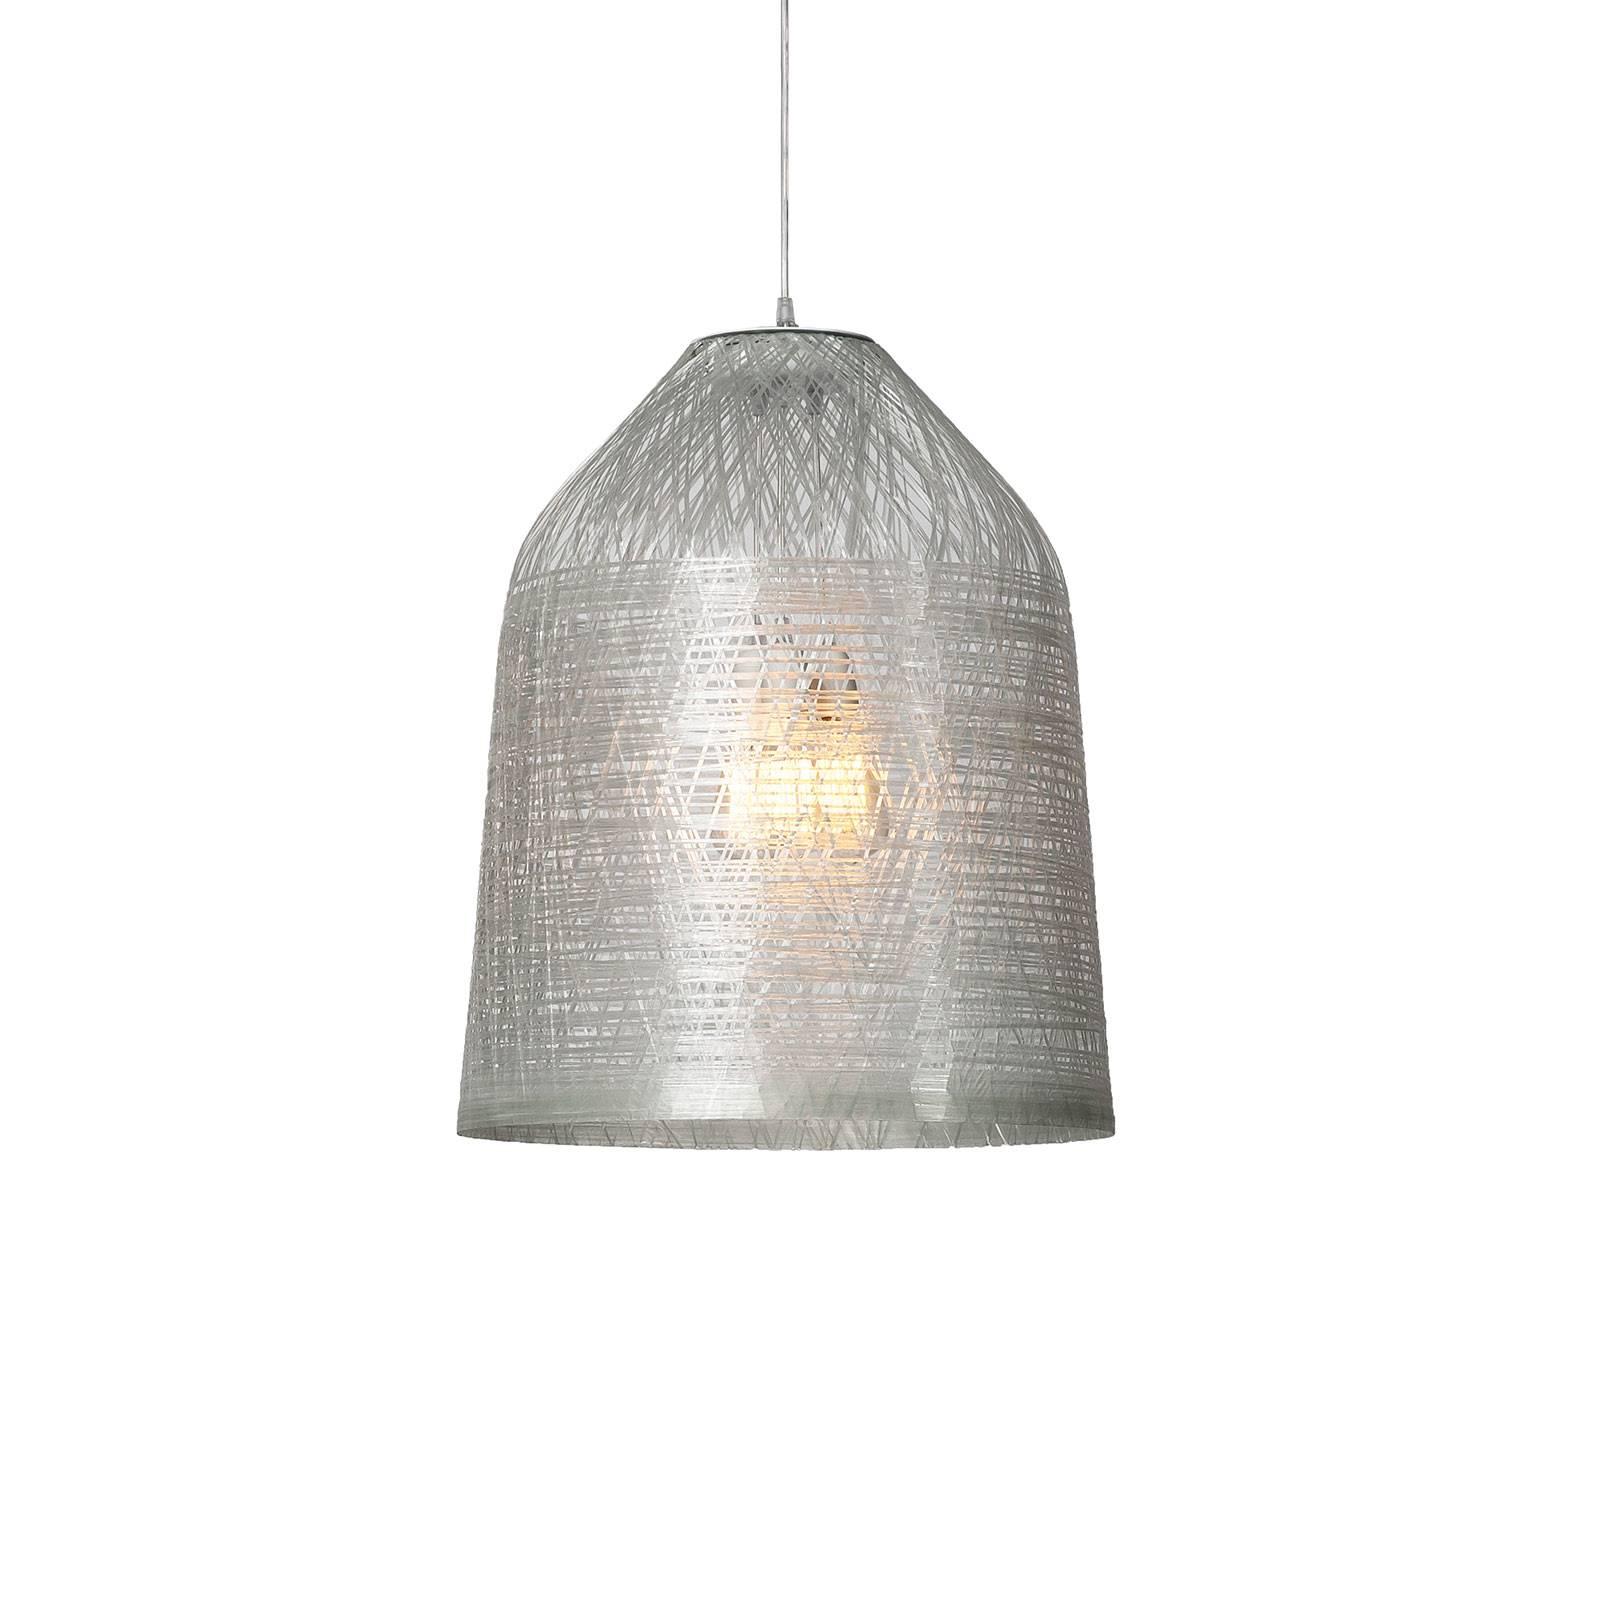 Karman Black Out lampa wisząca zewnętrzna, Ø 35 cm